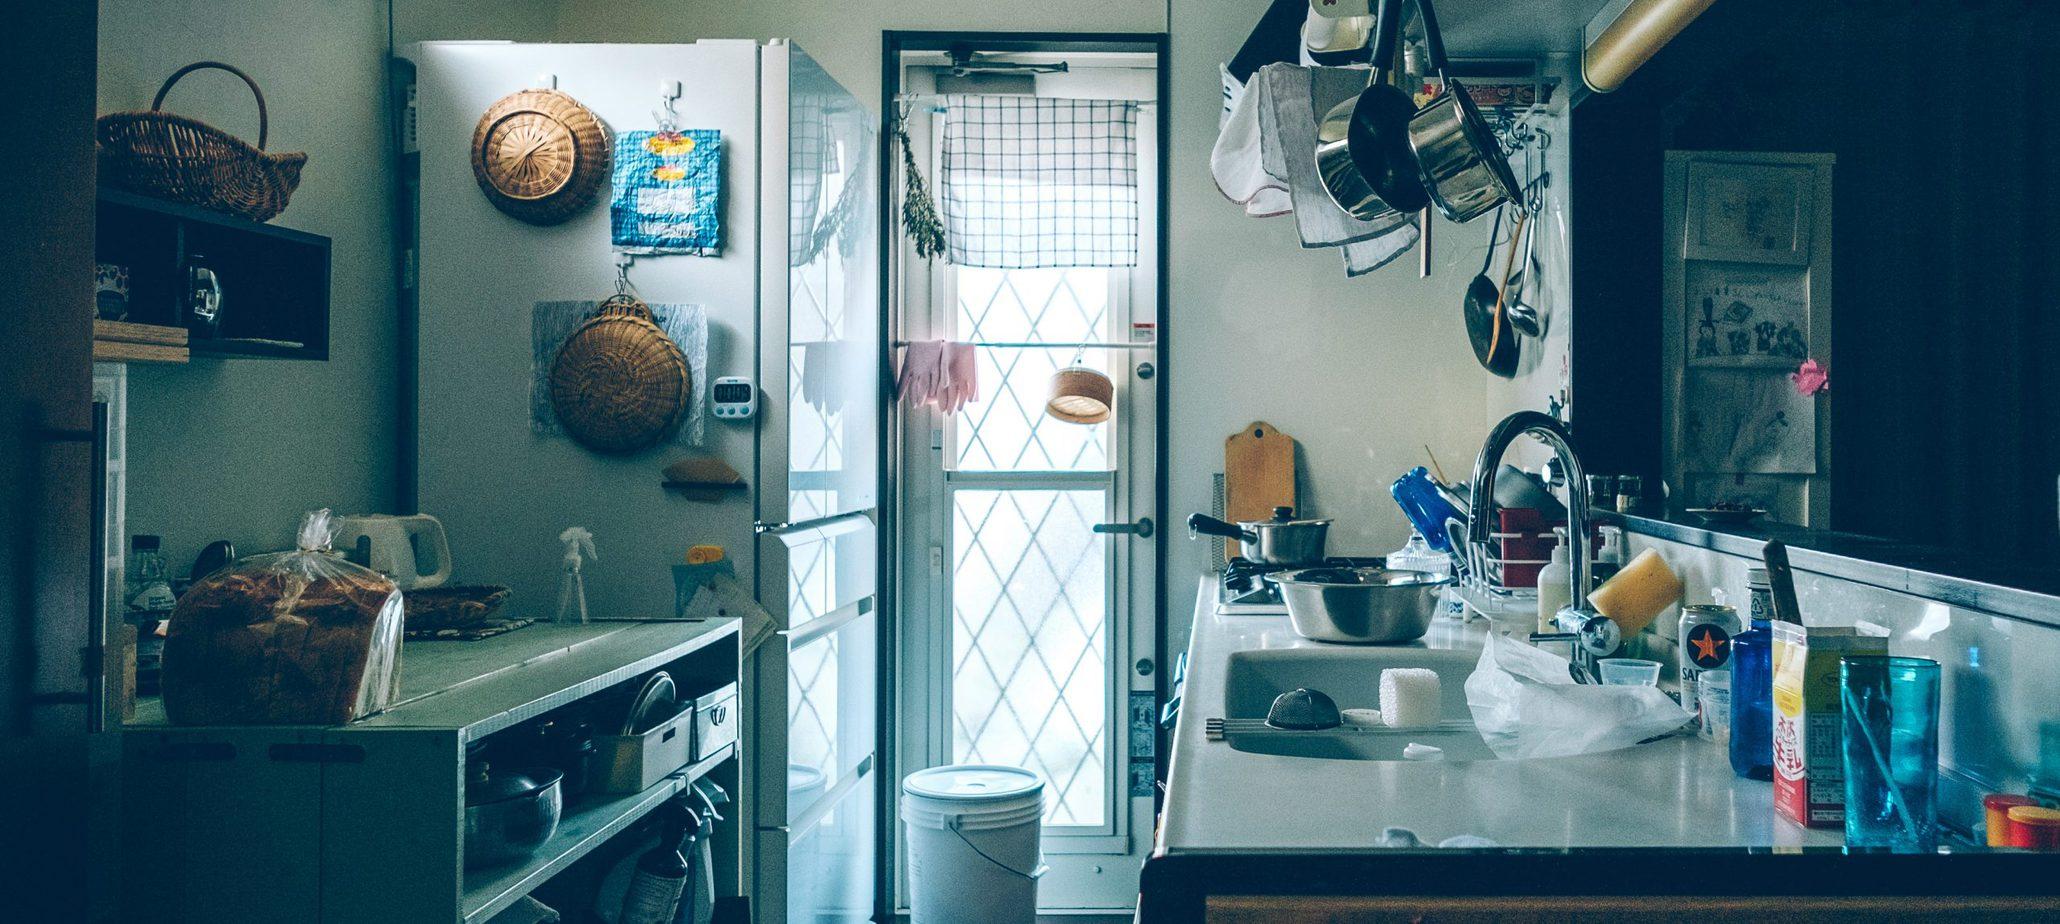 「料理下手な男、キッチンを改装する。〜前編〜」のアイキャッチ画像